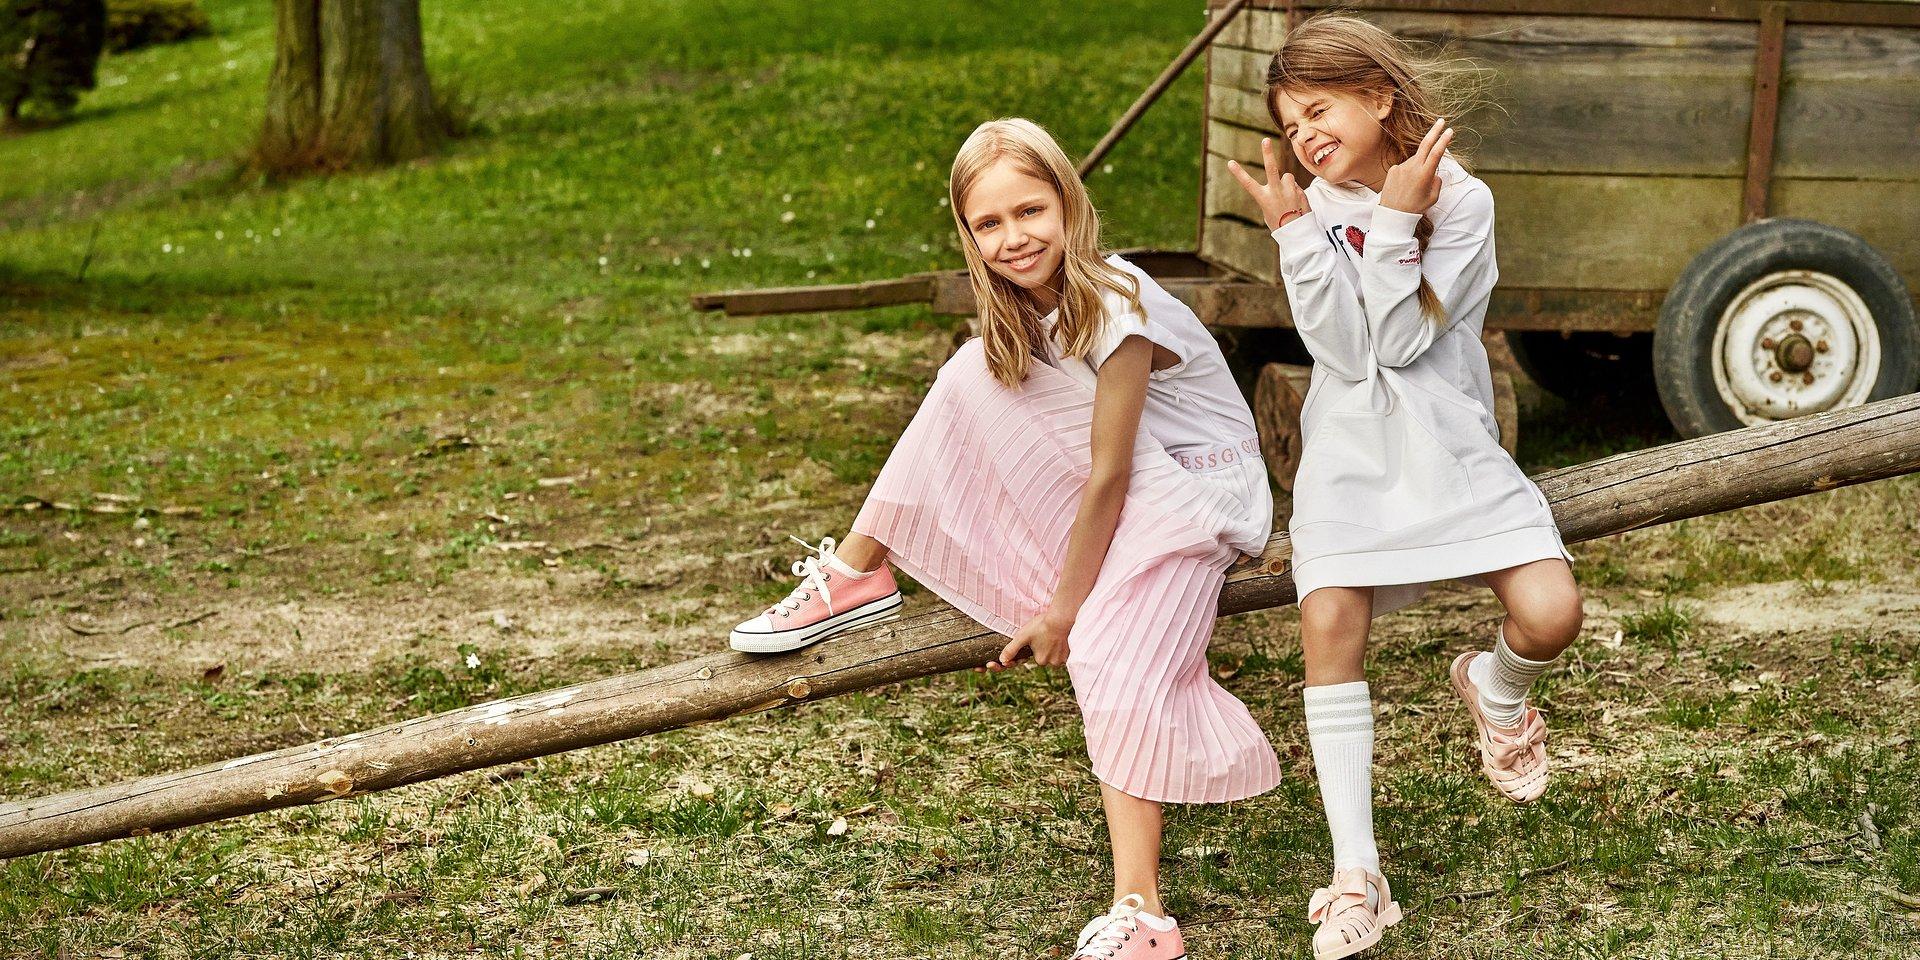 Wszyscy jesteśmy dziećmi - promocje na Dzień Dziecka w eobuwie.pl!